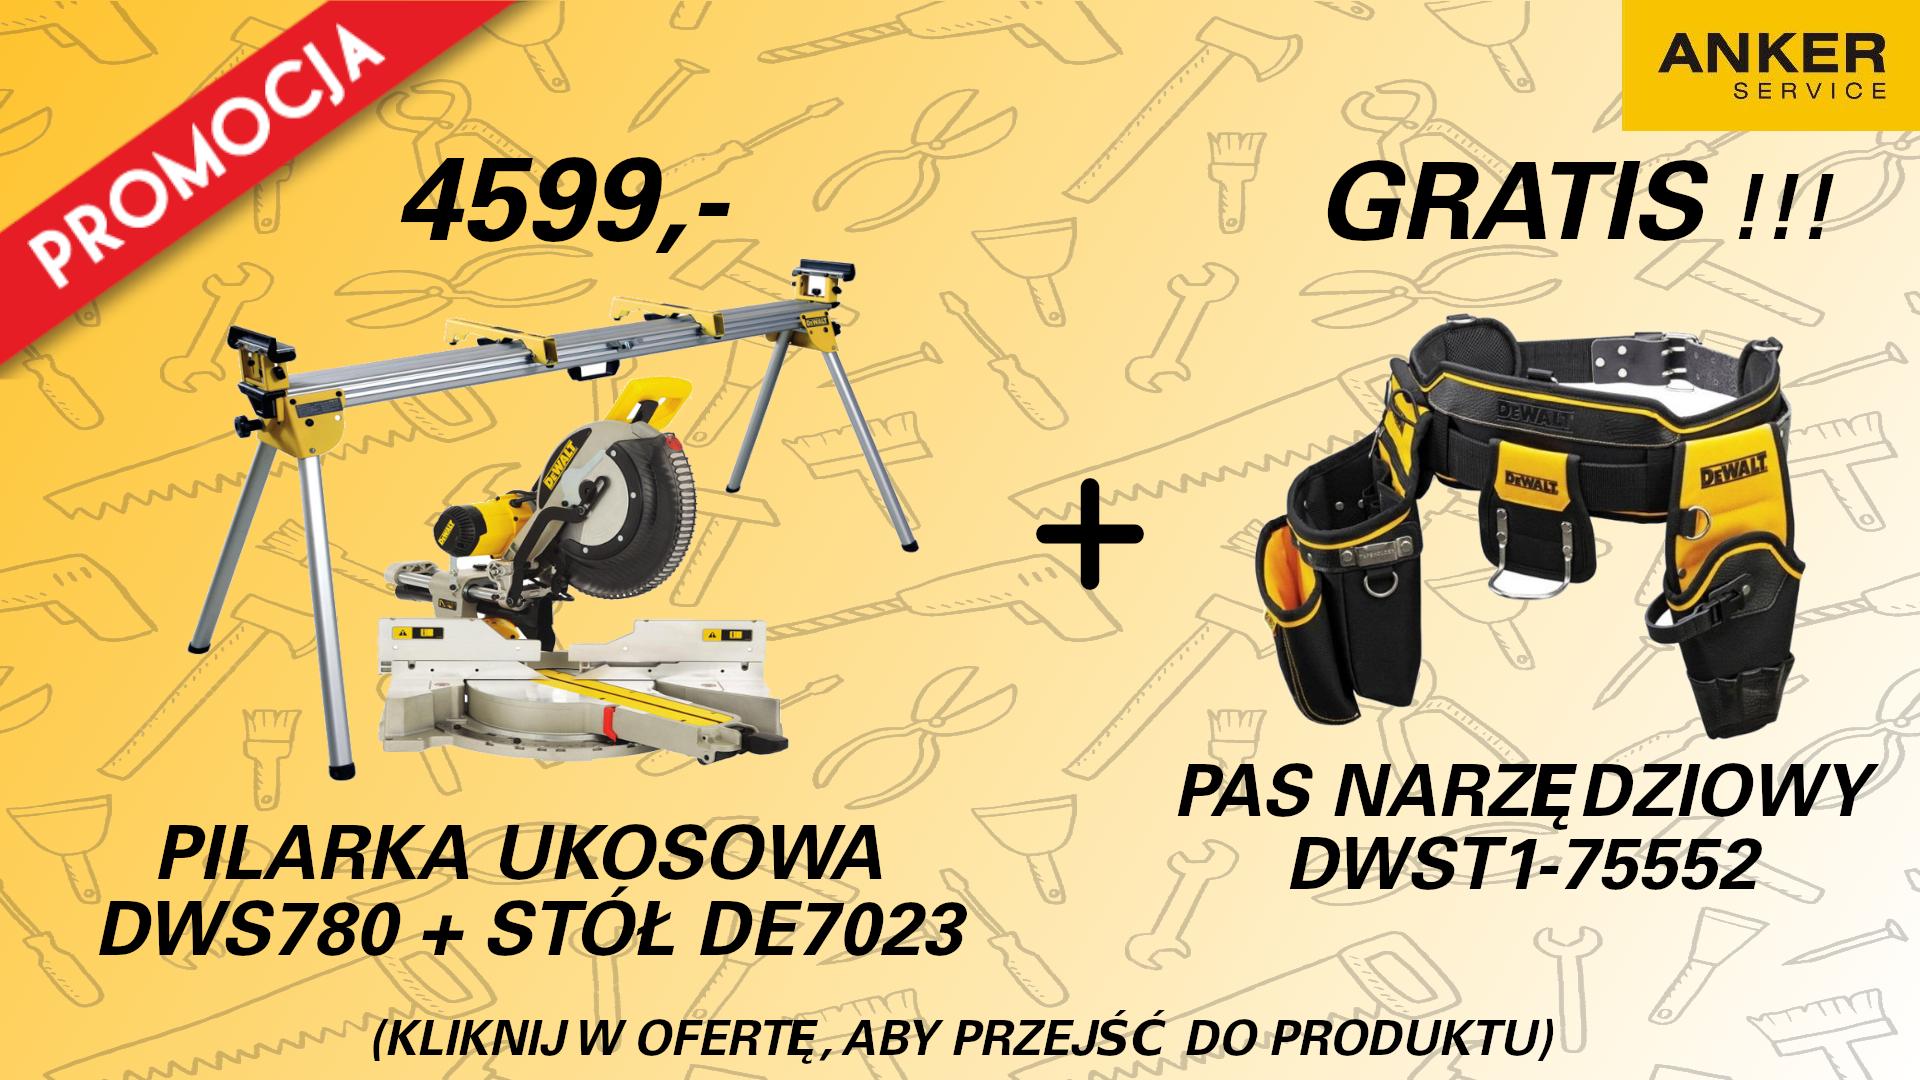 https://www.dewalt.com.pl/maszyny-stacjonarne/dws780-pilarka-ukosowa-stol-de7023-pas-narzedziowy-dwst1-75552_p_5101.html